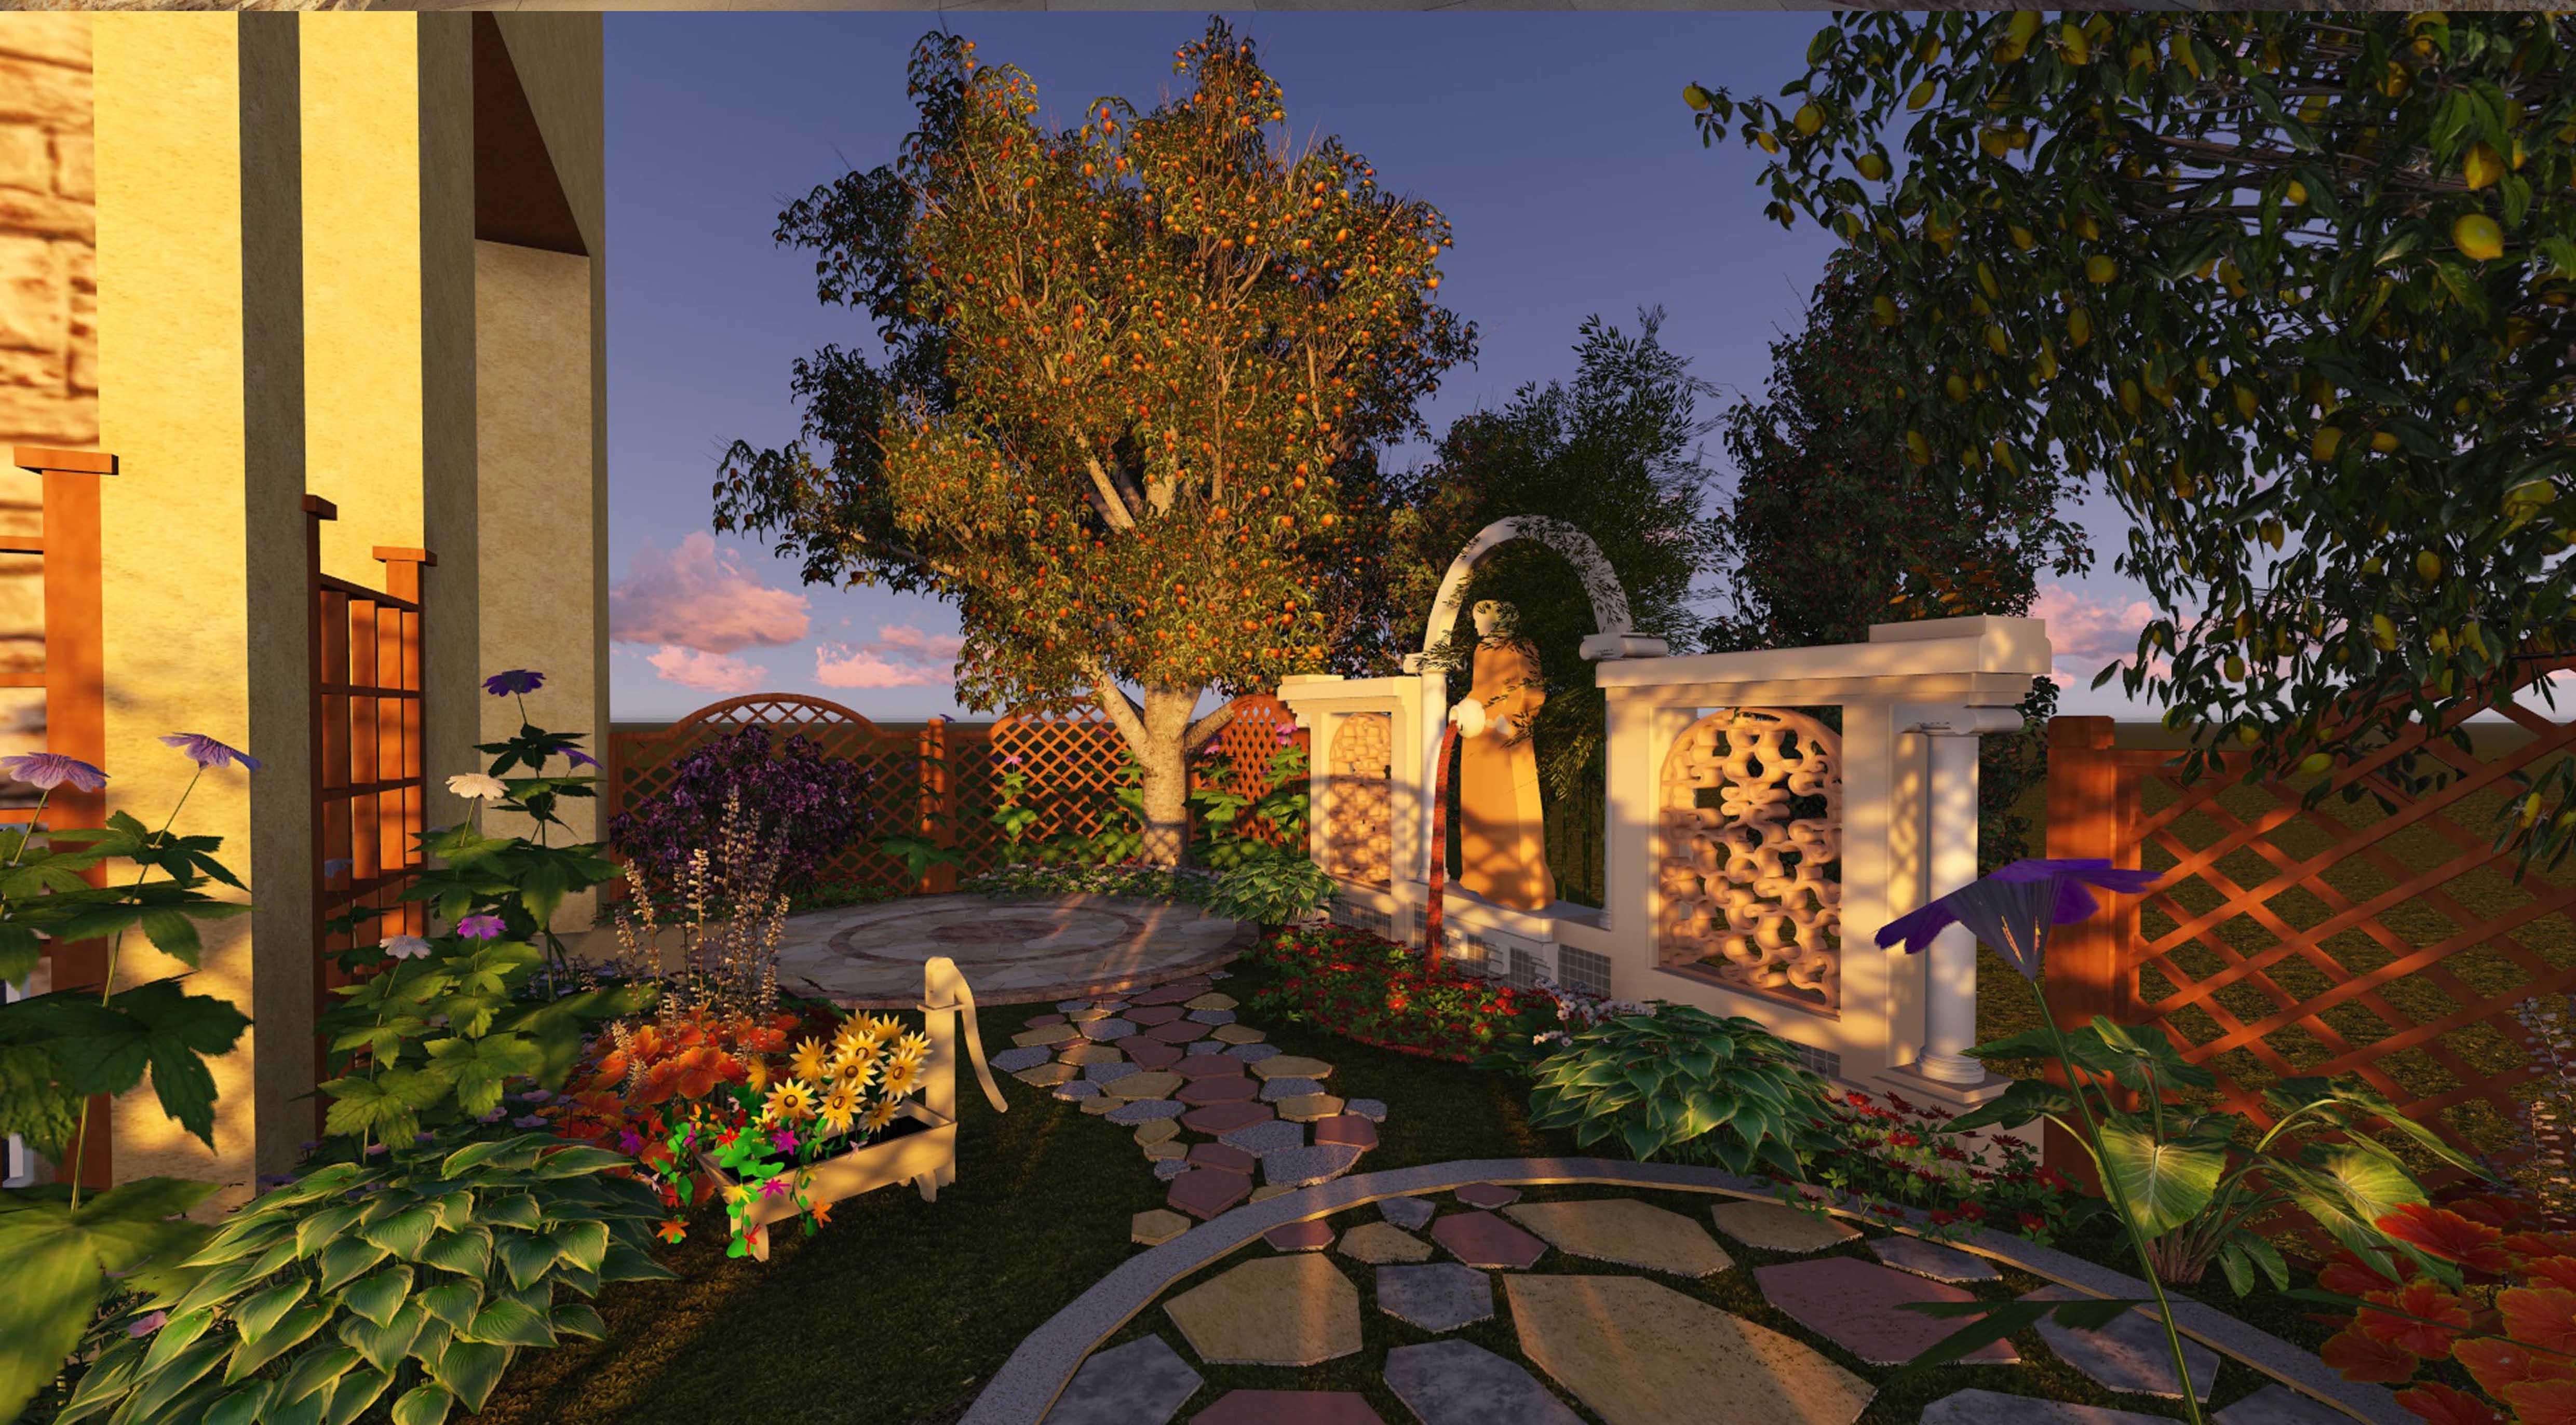 欧式别墅庭院设计_重庆廊桥水乡别墅庭院花园设计(欧式)_溪山庭景观园林设计